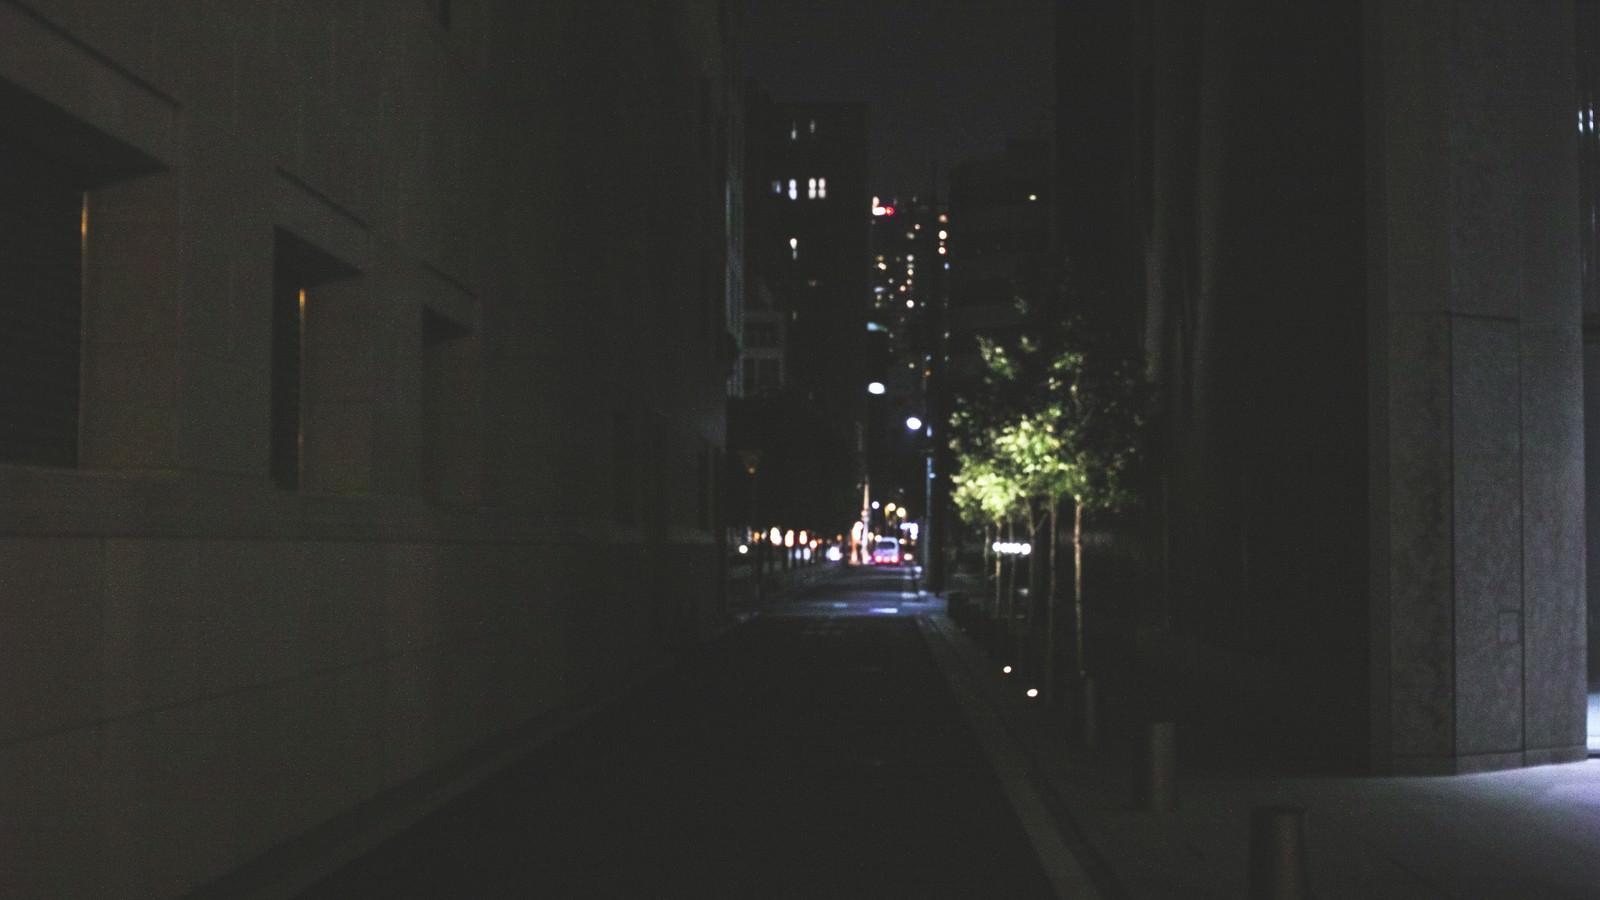 「寝静まったビル街寝静まったビル街」のフリー写真素材を拡大